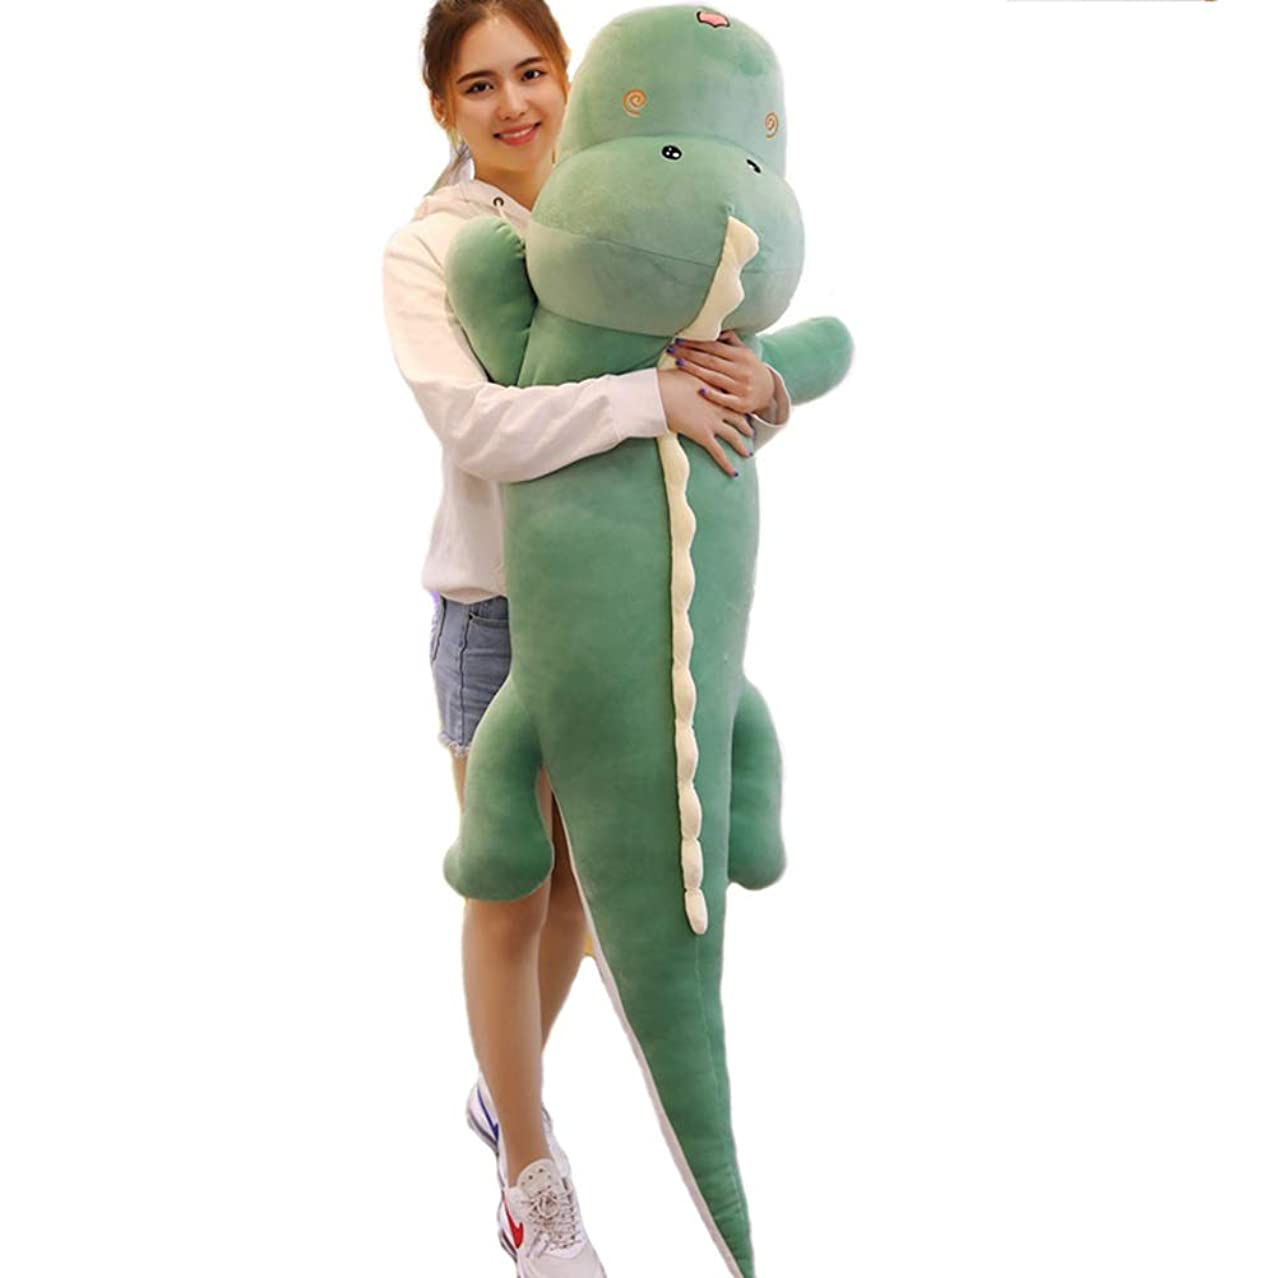 時代遅れアトミック干渉する[Ziv-Nat] 抱き枕 恐竜 ねむねむプレミアム 枕 安眠 人気 抱き枕 ぬいぐるみ ツムツム クッション 椅子 車 かわいい 彼女へ お誕生日 ギフト プレゼント 子供へ ソフトマイヤー ソフト綿 グリーン 150cm